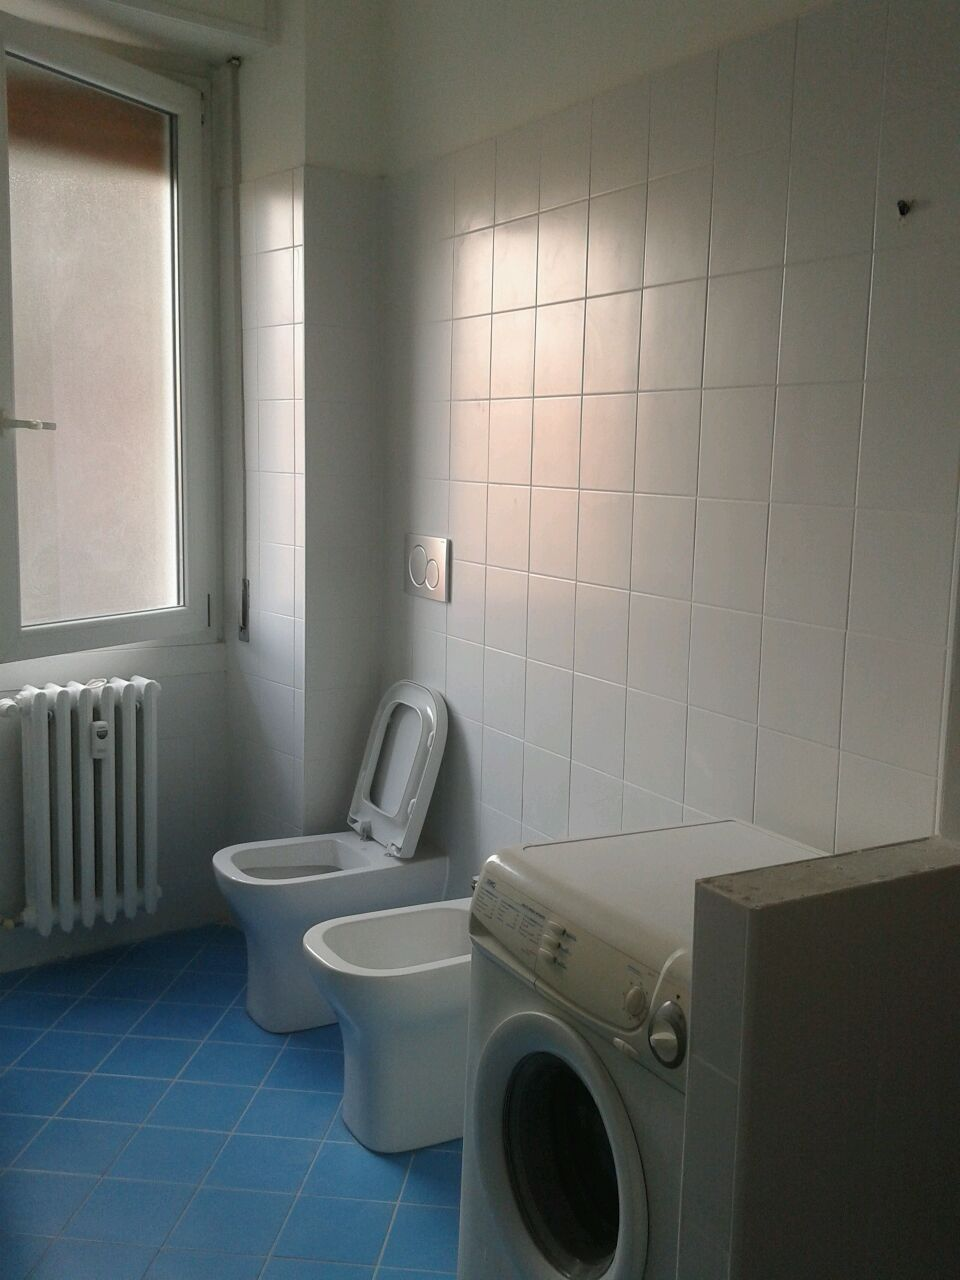 Ristrutturazione bagno con cambio apertura porta photo gallery key casa service s r l - Ristrutturazione bagno iva ...